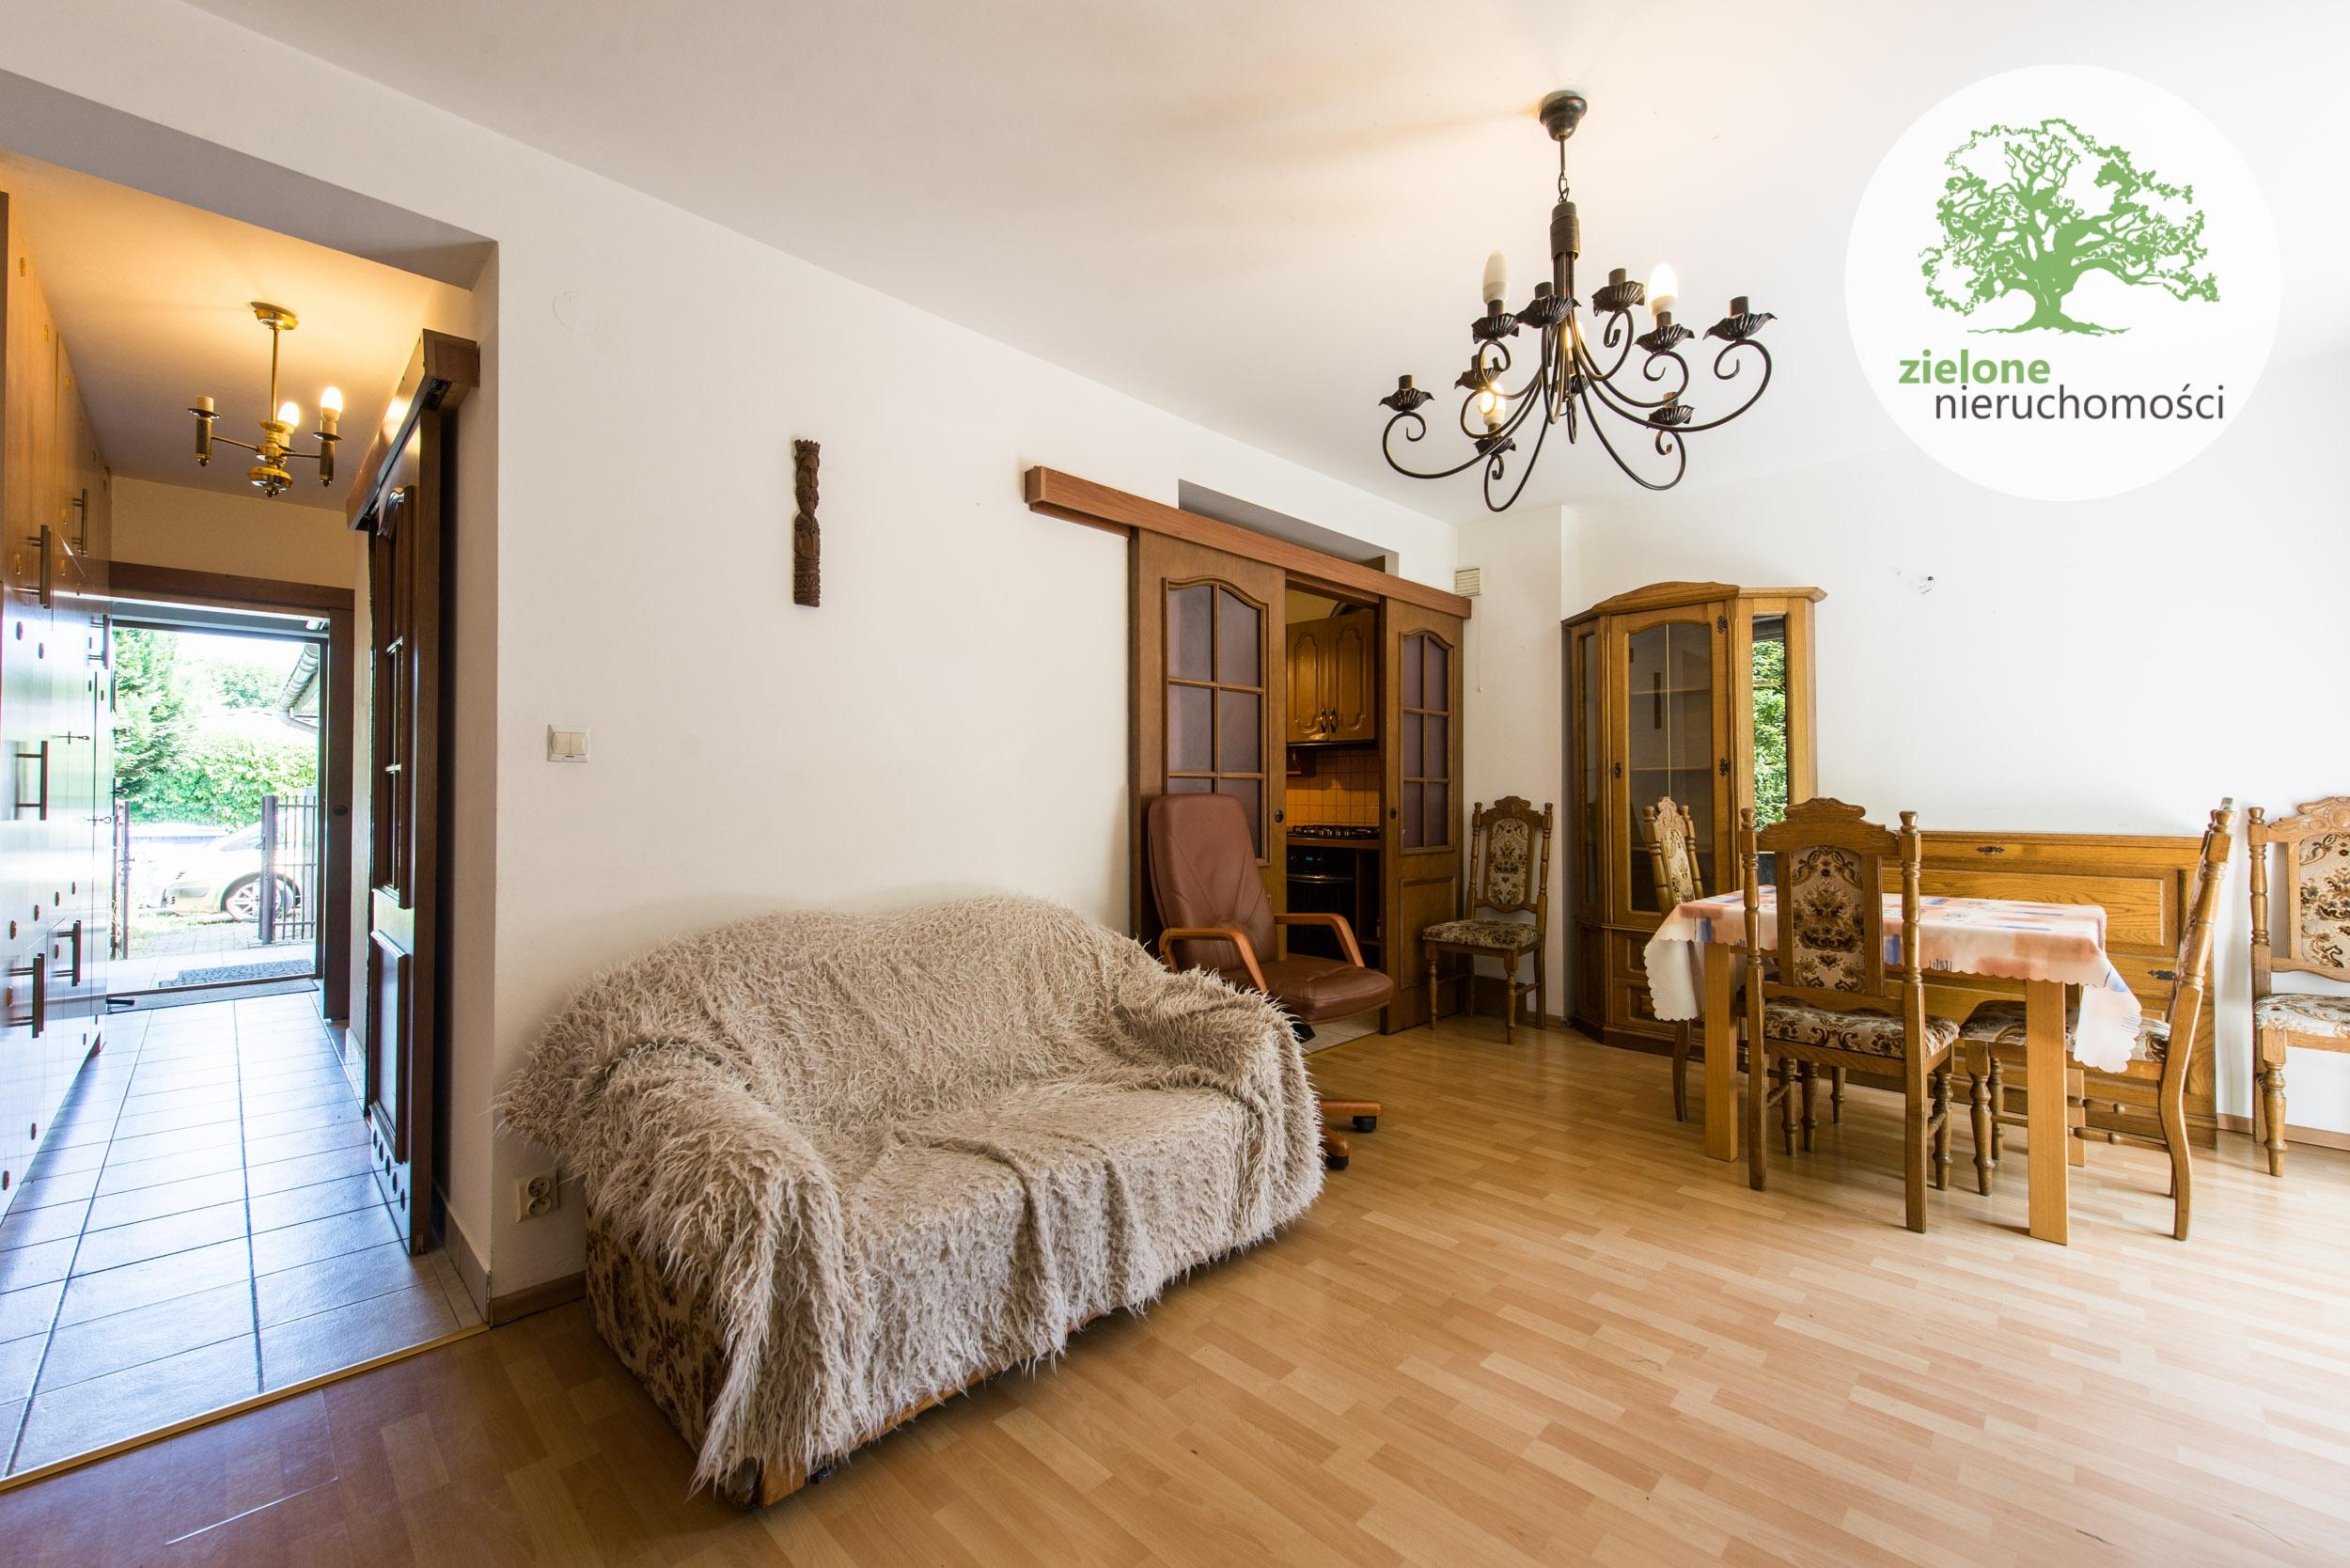 Zdjęcie 4Dwupokojowe mieszkanie na wynajem w zabudowie szeregowej